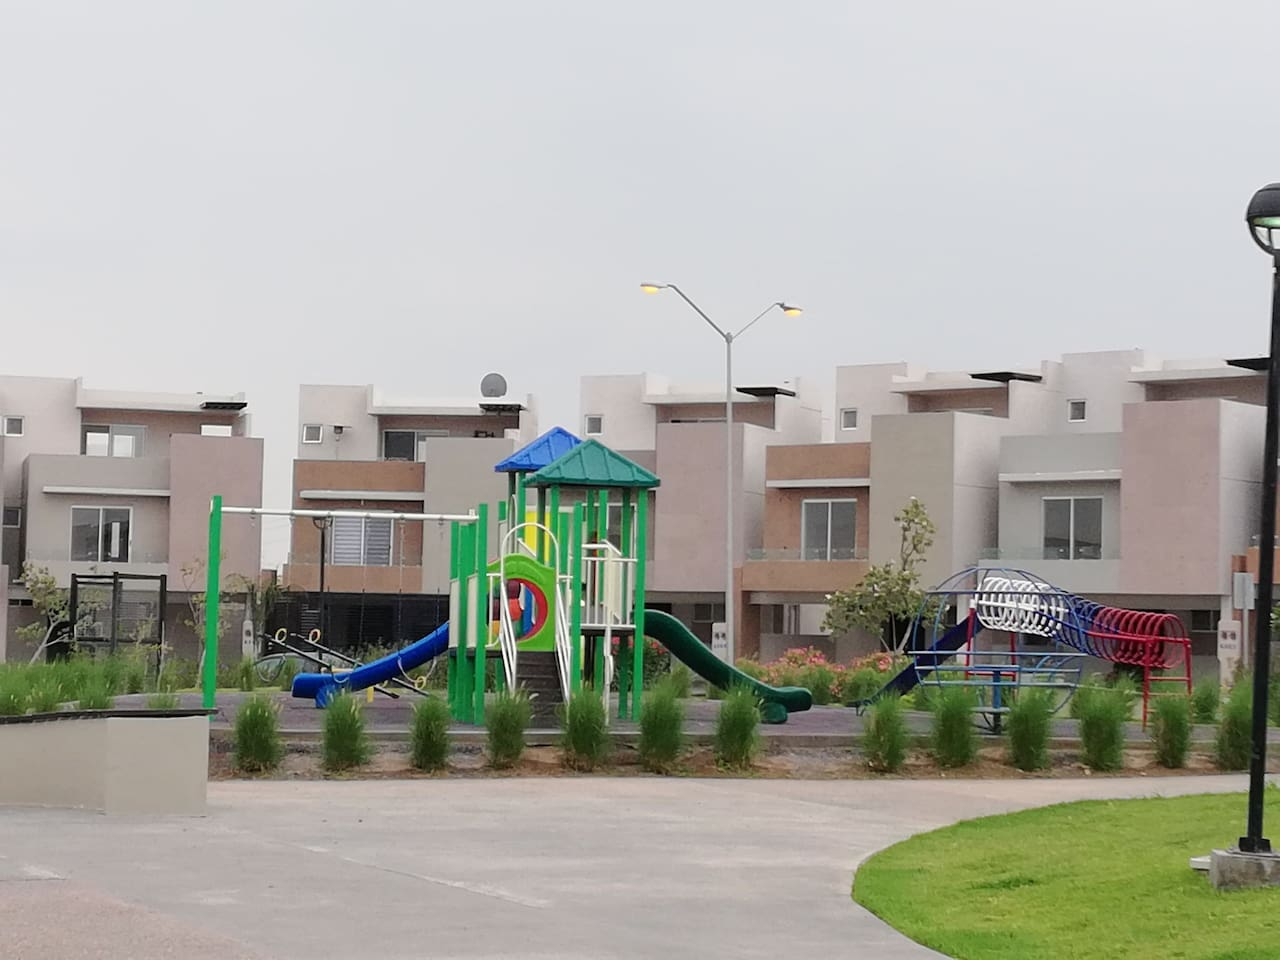 Área común para juegos infantiles dentro de la privada.